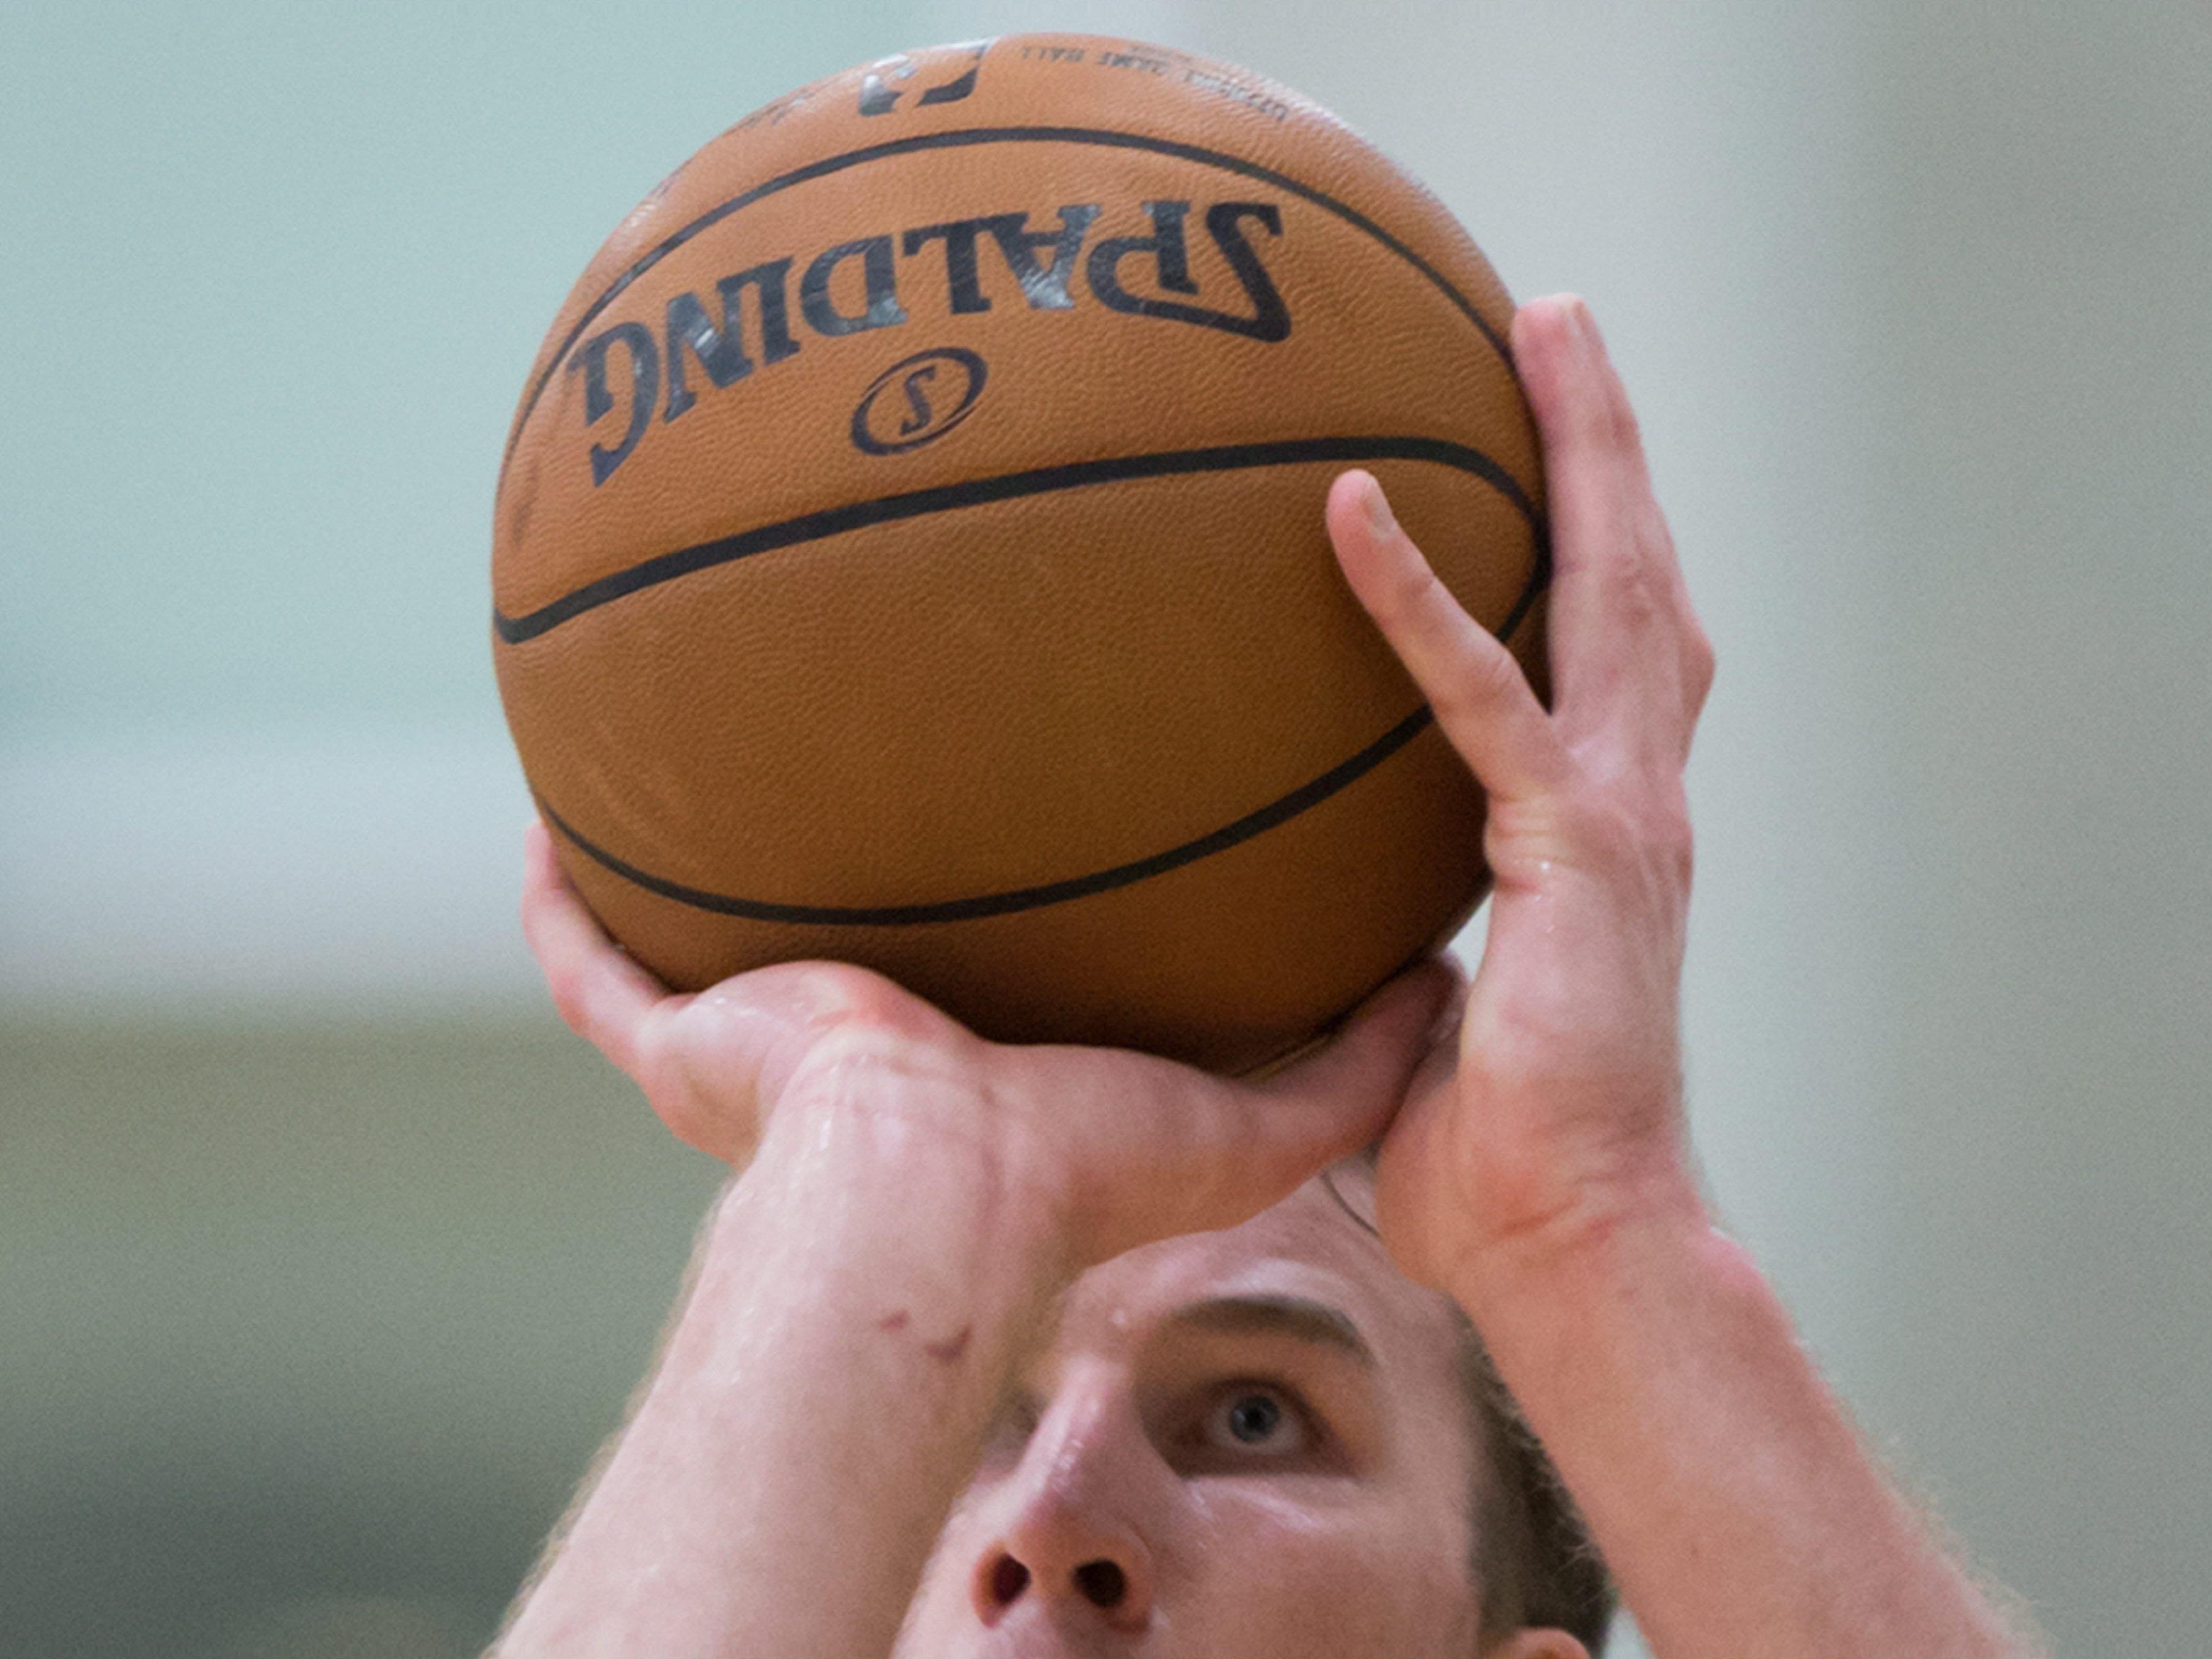 Der Wiener erreichte ein Double-Double in der NBA Summer League